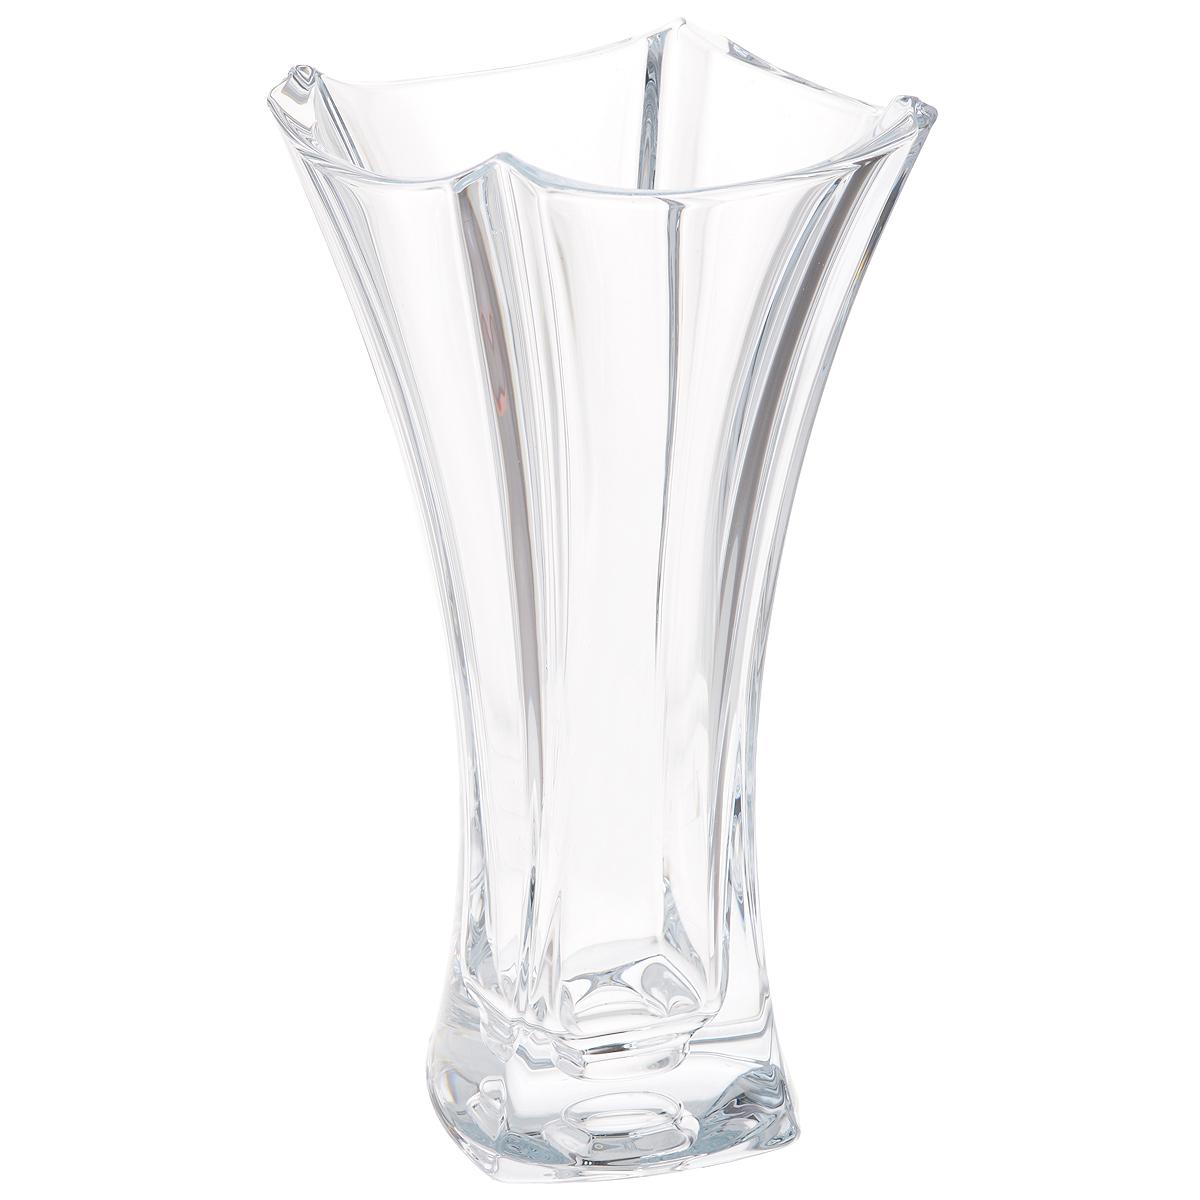 Ваза Crystalite Bohemia Колосеум, высота 30 см8KF78/0/99R14/305Изящная ваза Crystalite Bohemia Колосеум изготовлена из прочного утолщенного стекла кристалайт. Она красиво переливается и излучает приятный блеск. Ваза оснащена рельефной поверхностью и неровными краями, что делает ее изящным украшением интерьера. Ваза Crystalite Bohemia Колосеум дополнит интерьер офиса или дома и станет желанным и стильным подарком.